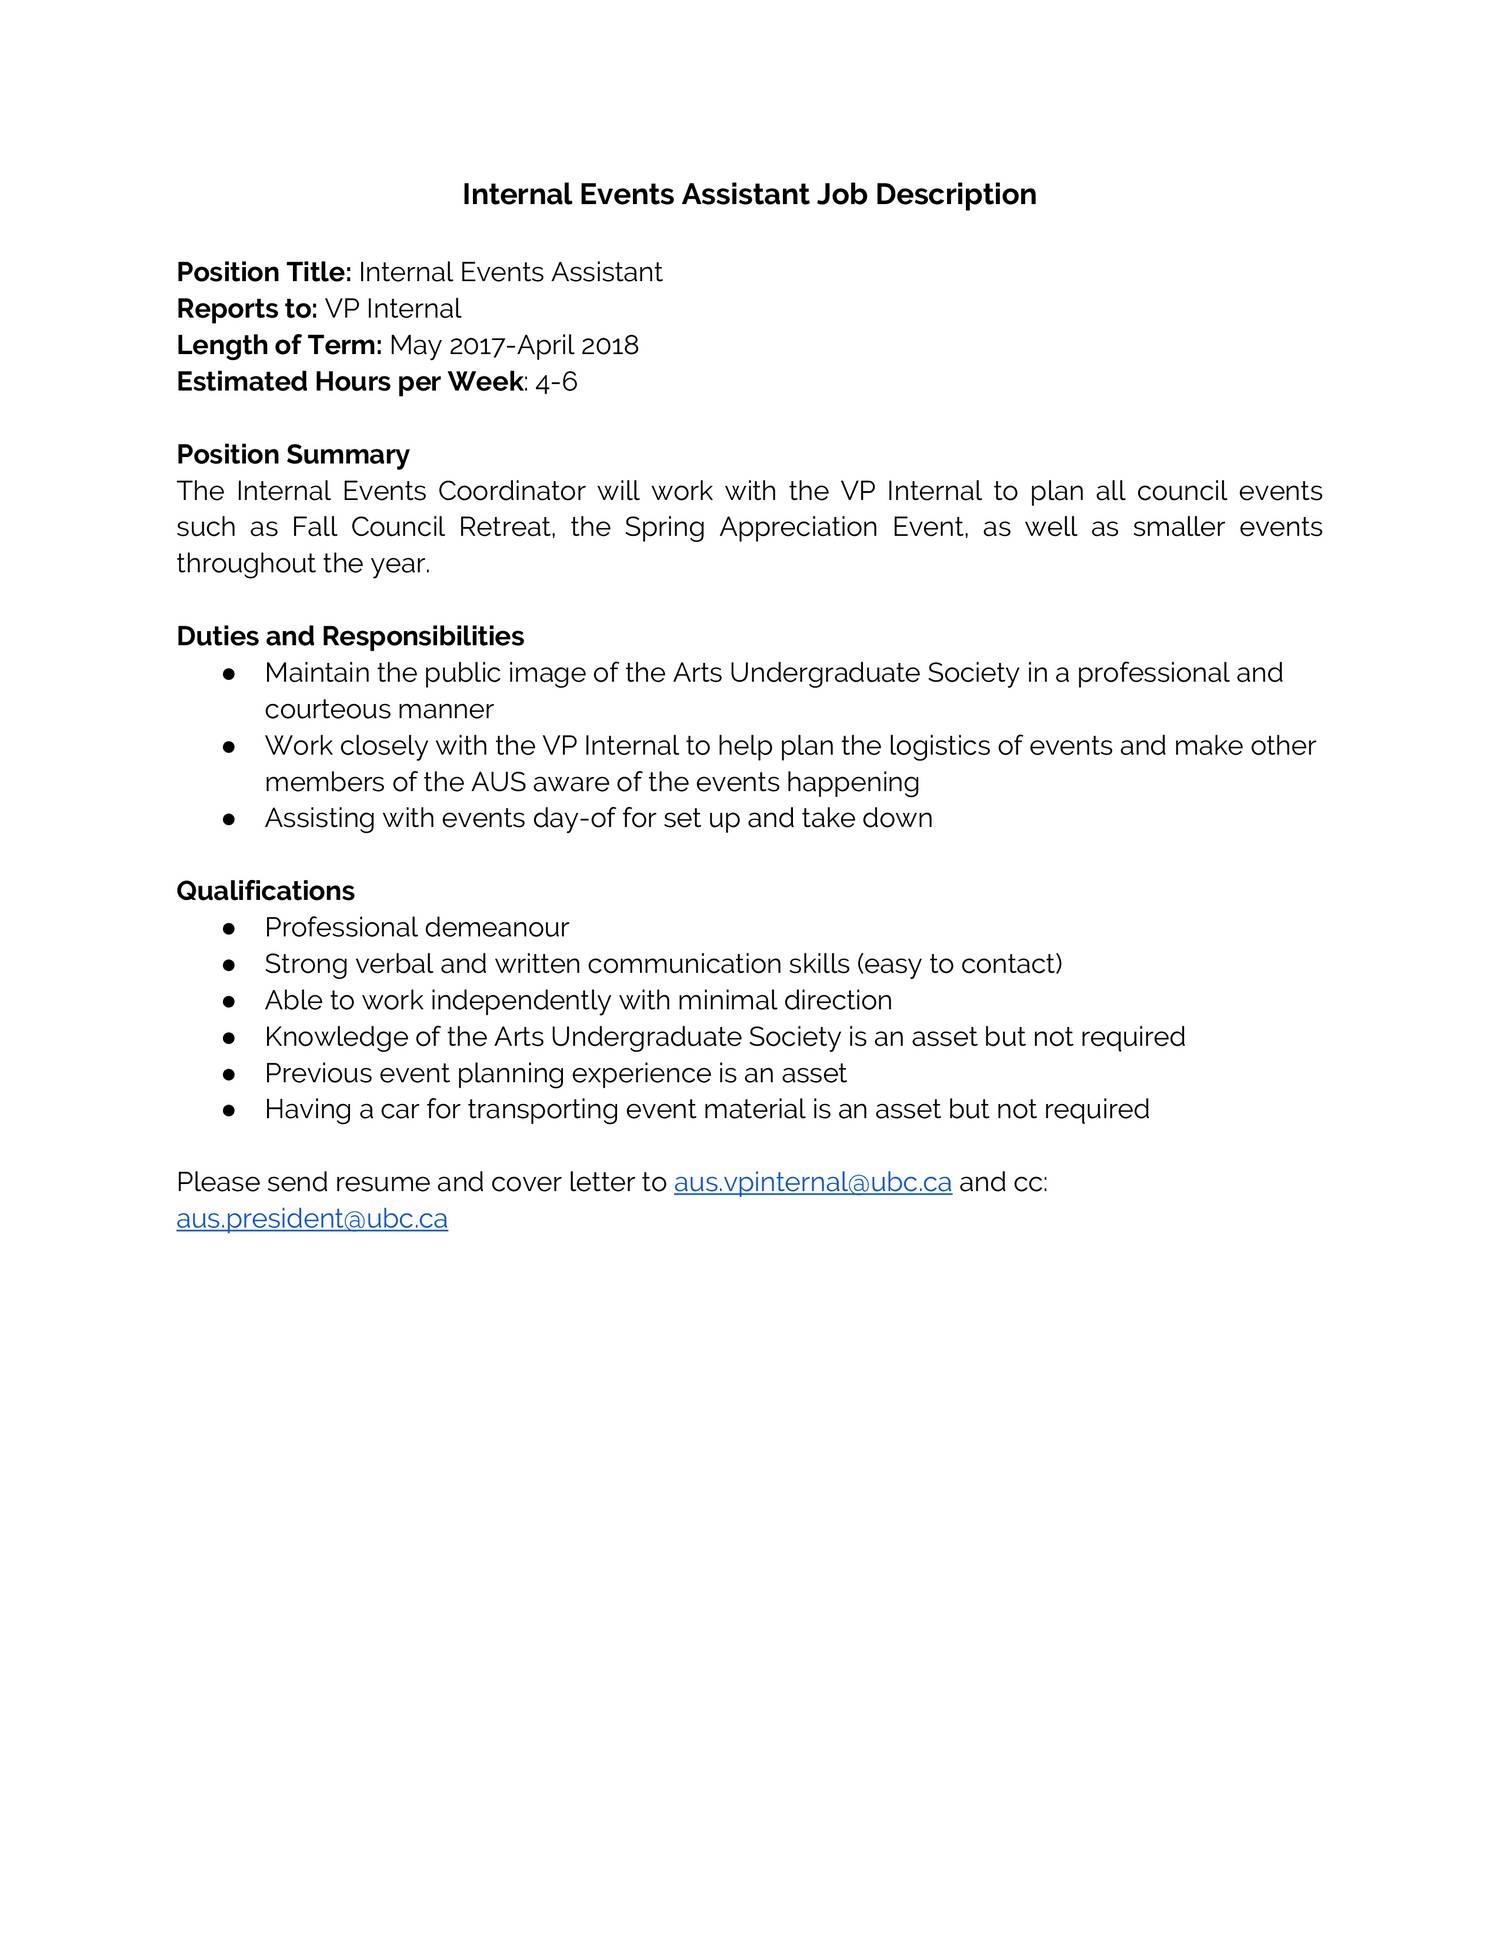 Internal Events Assistant Job Description.docx   DocDroid